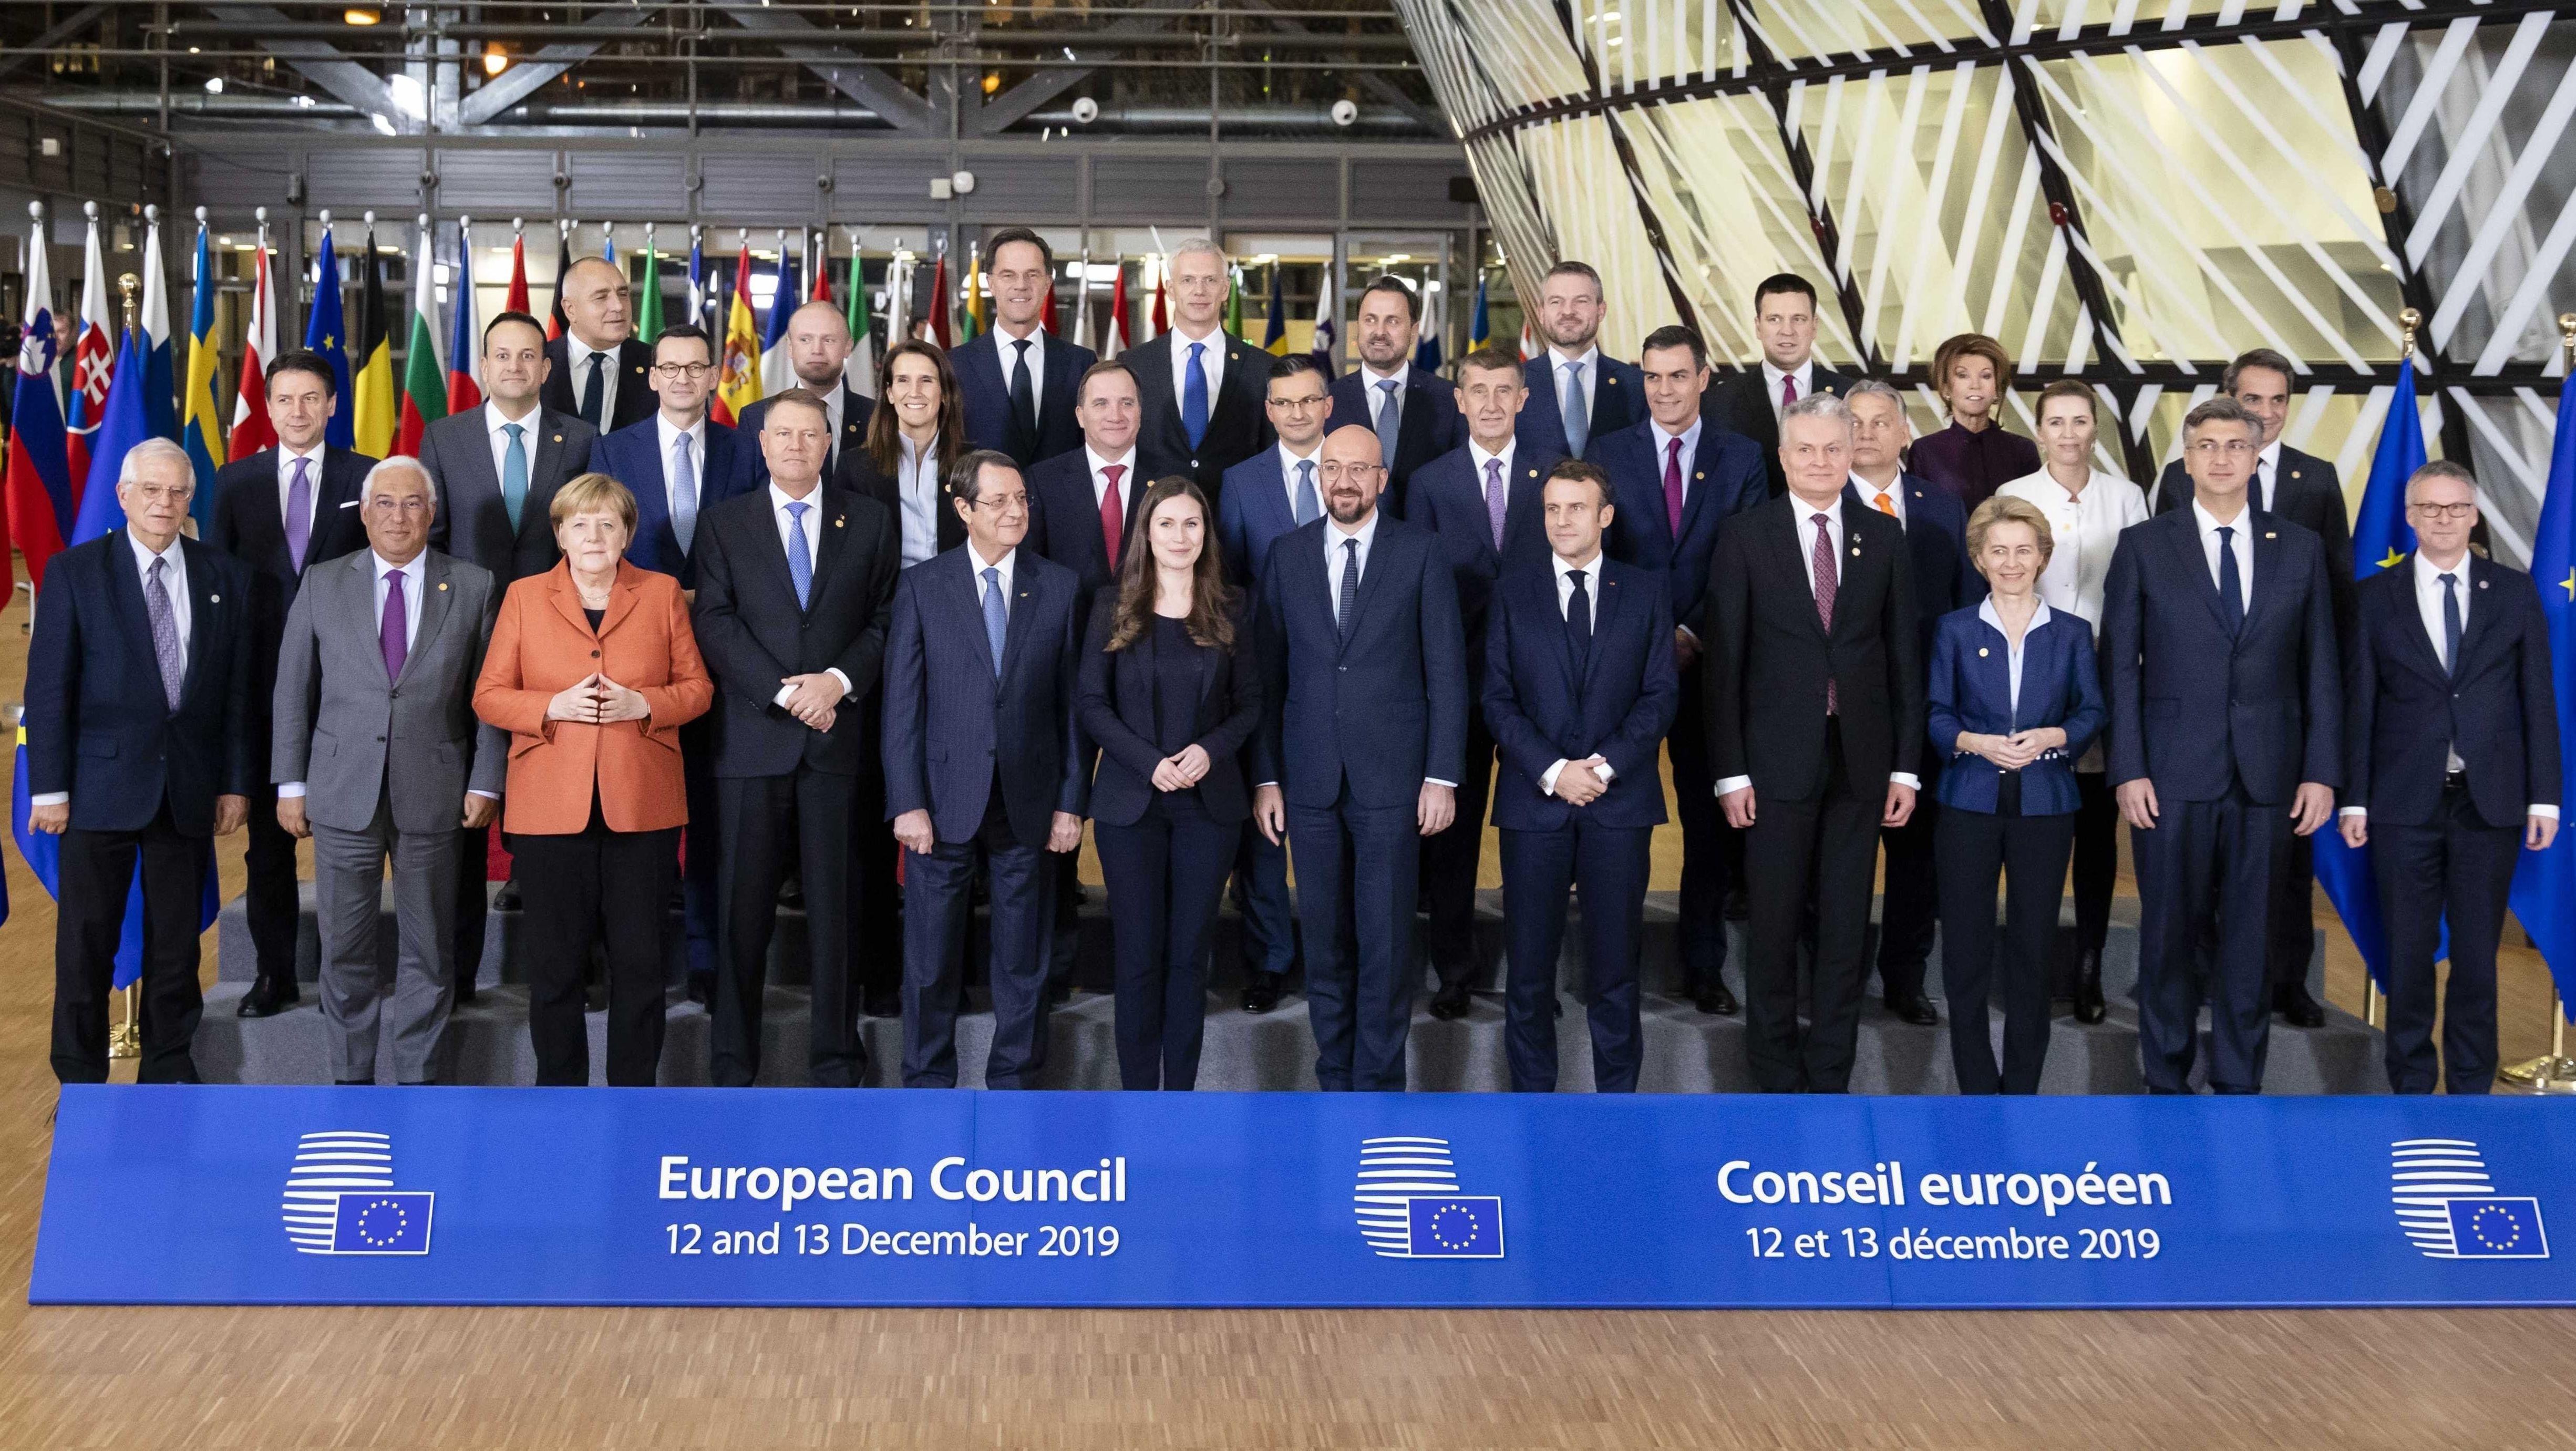 Teilnehmer des EU-Gipfels